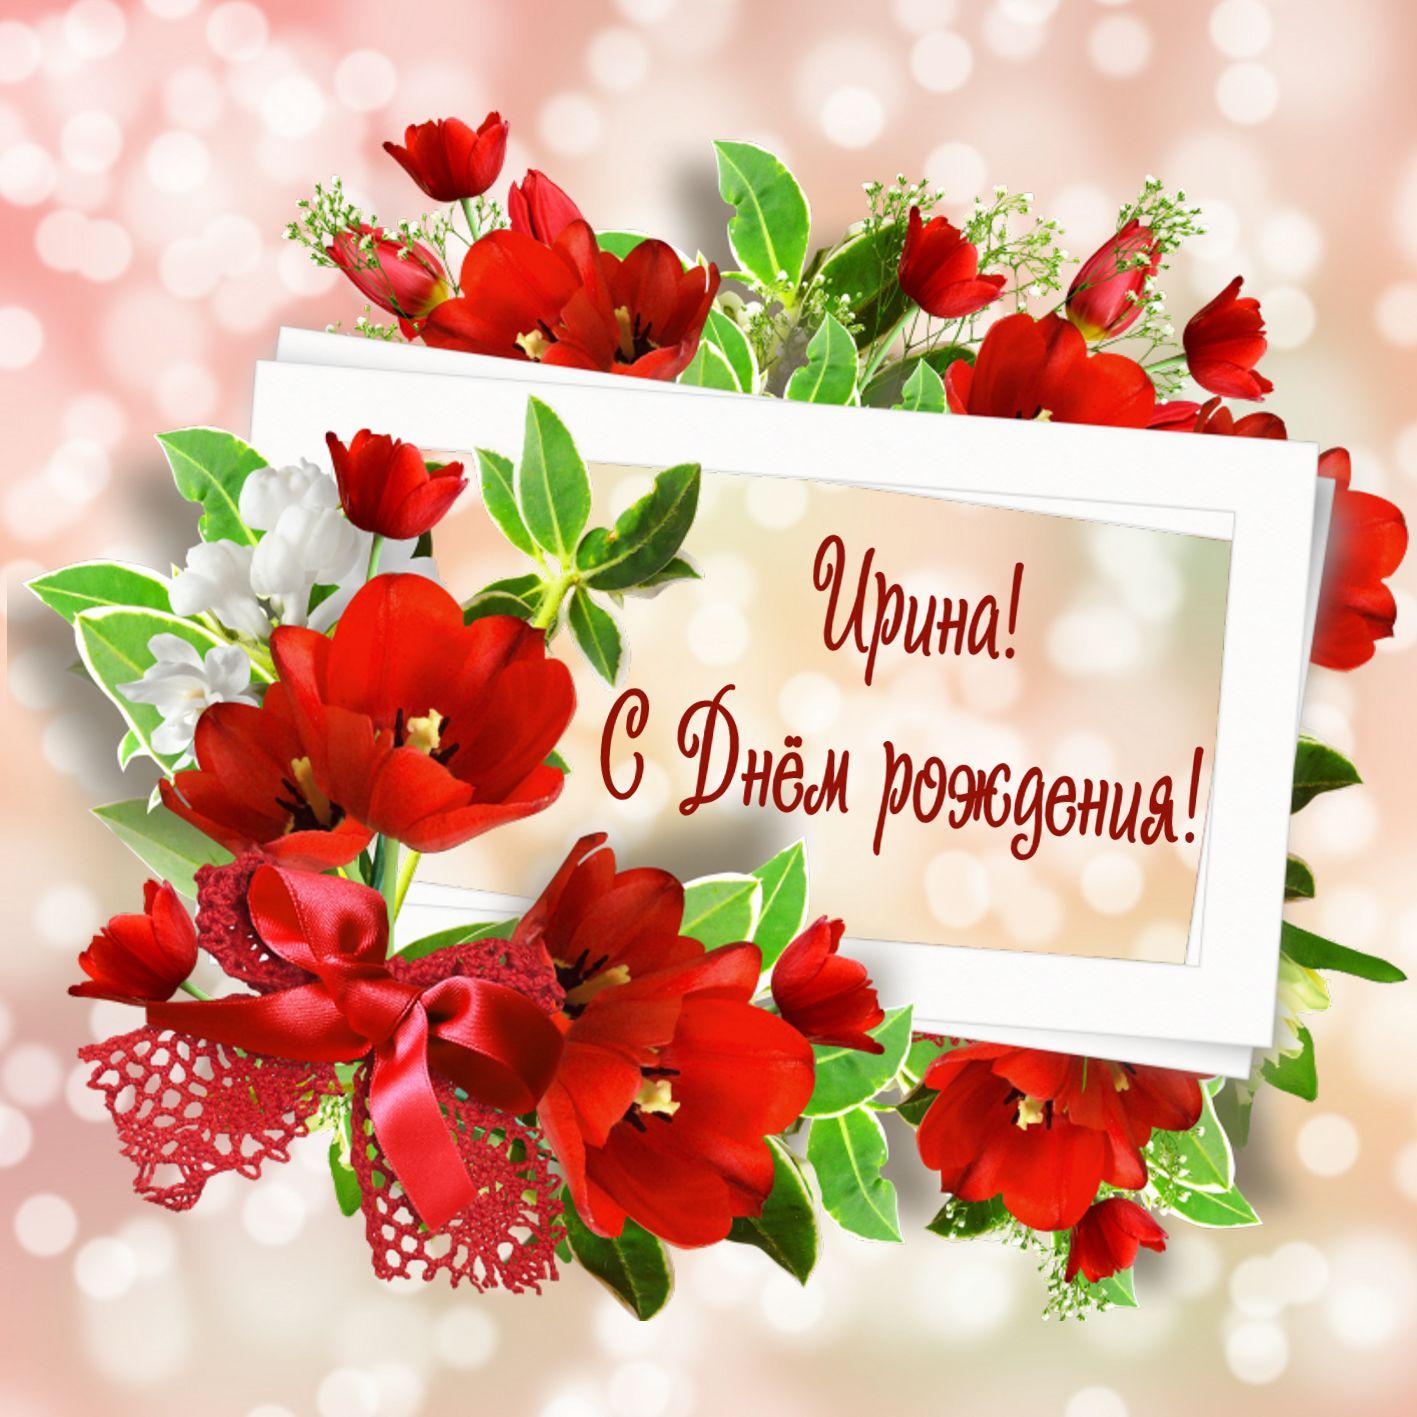 Цветы для ирины картинки, открытка сирень